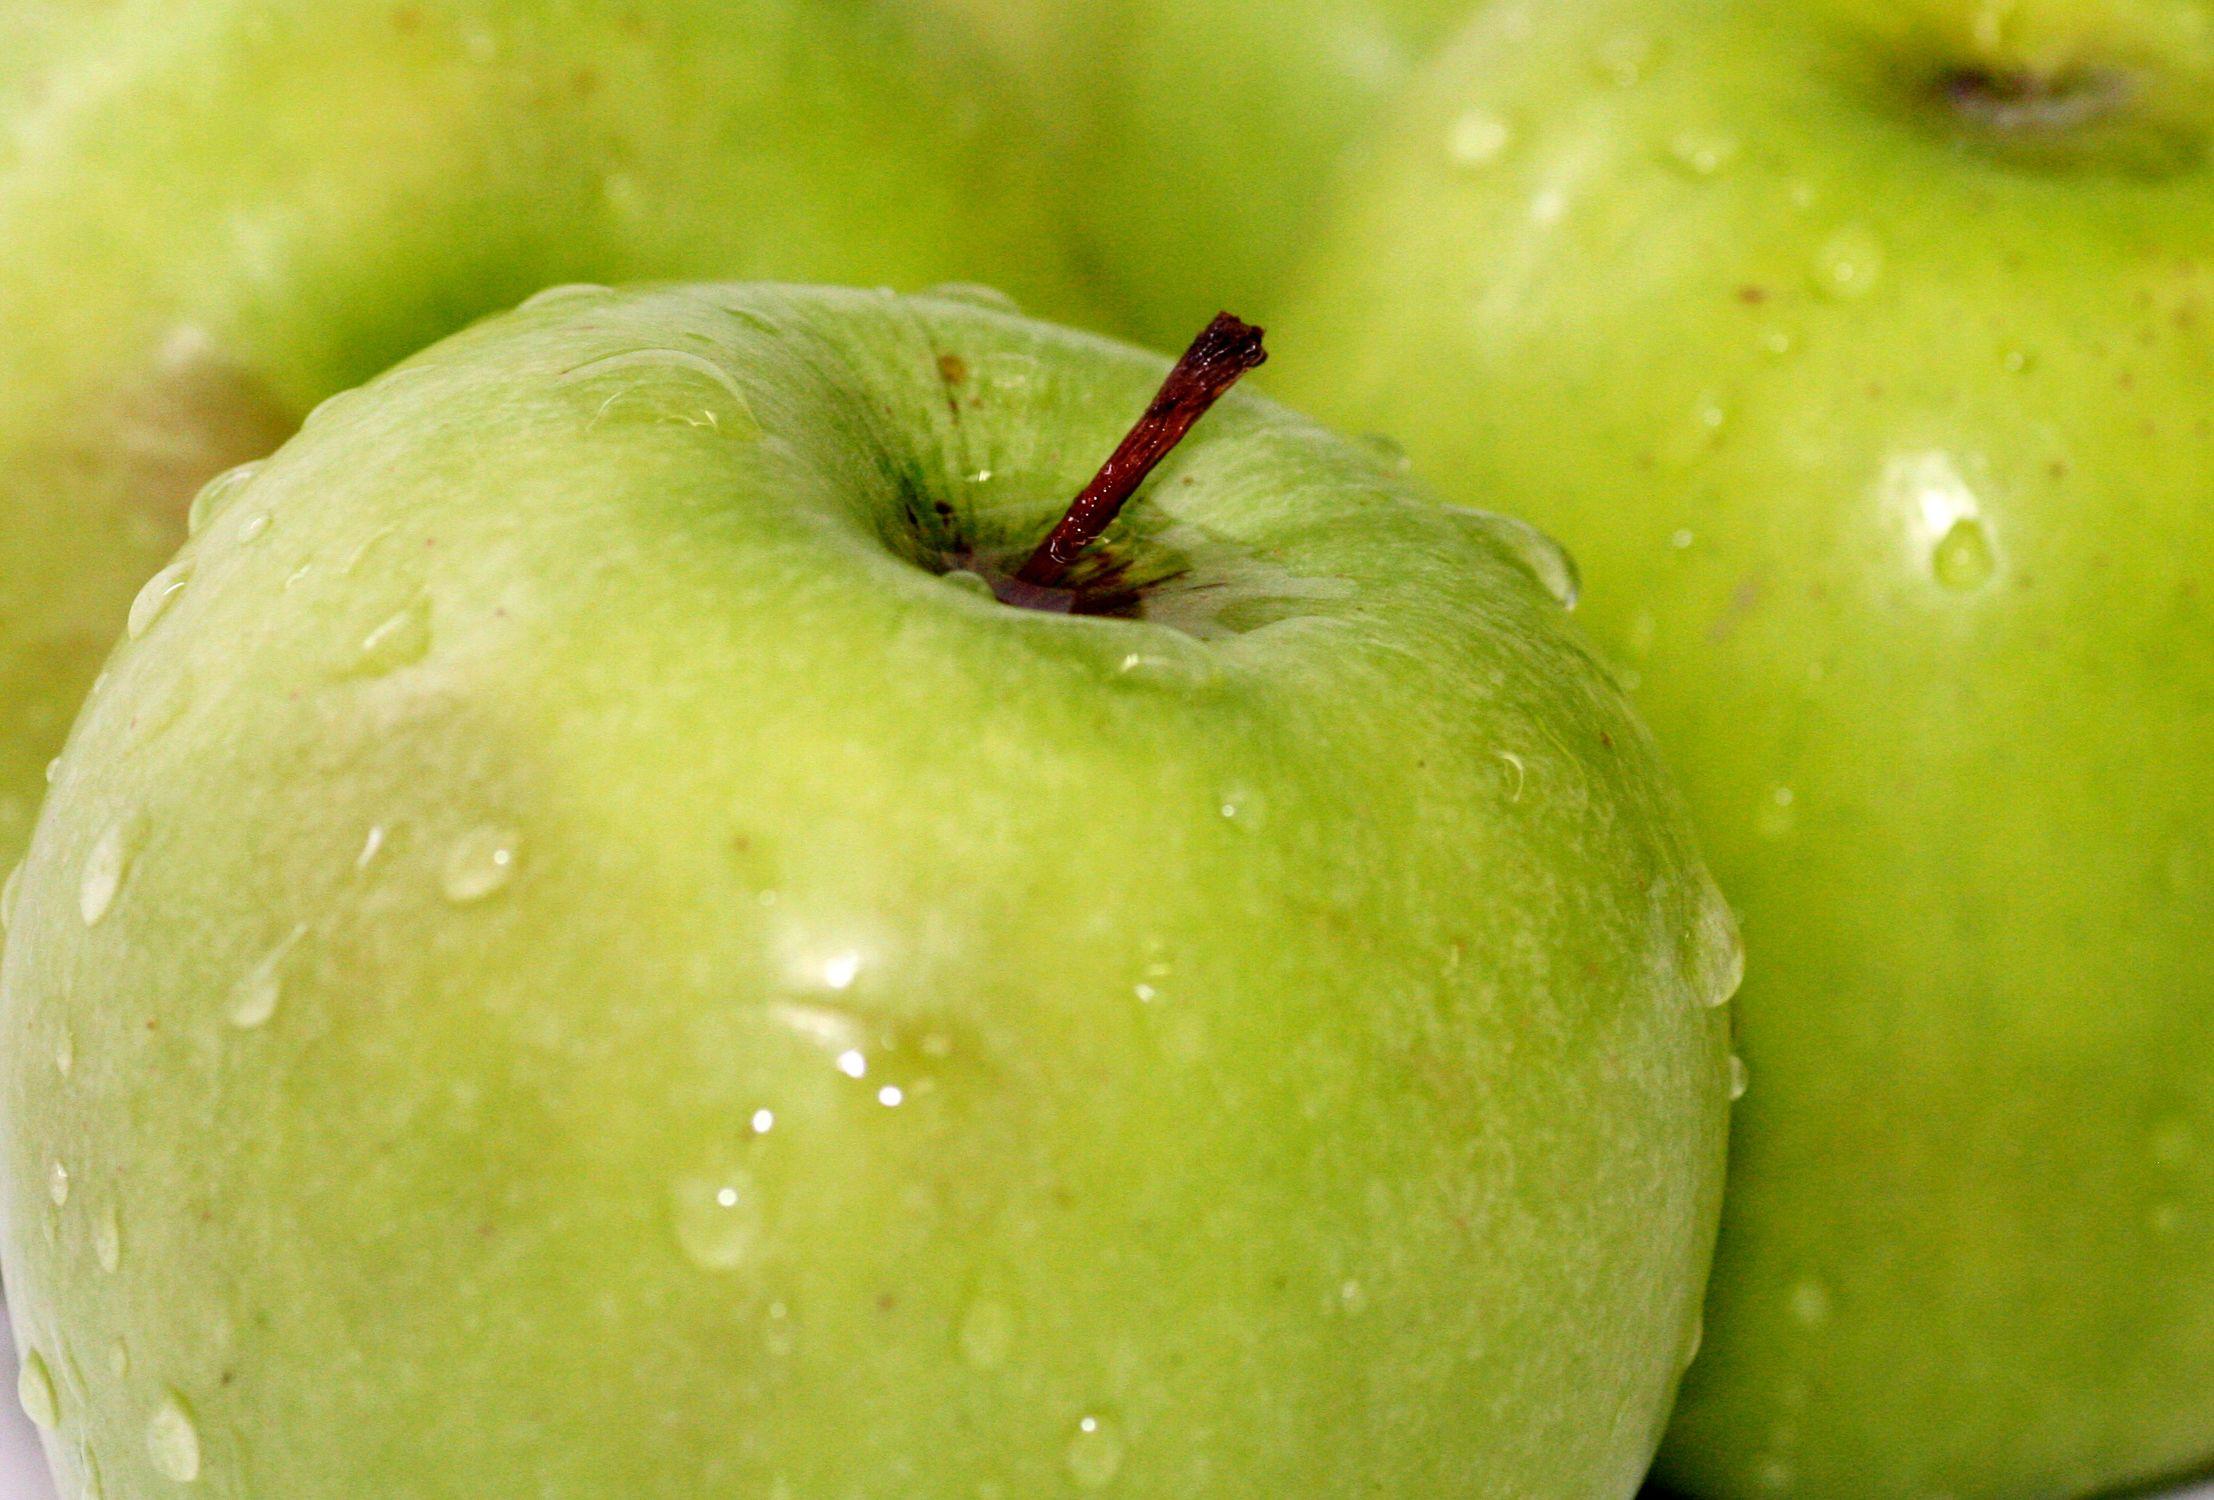 Bild mit Früchte, Lebensmittel, Essen, Frucht, grüner Apfel, grüne Äpfel, Obst, Küchenbild, Küchenbild, Apfel, Apfel, KITCHEN